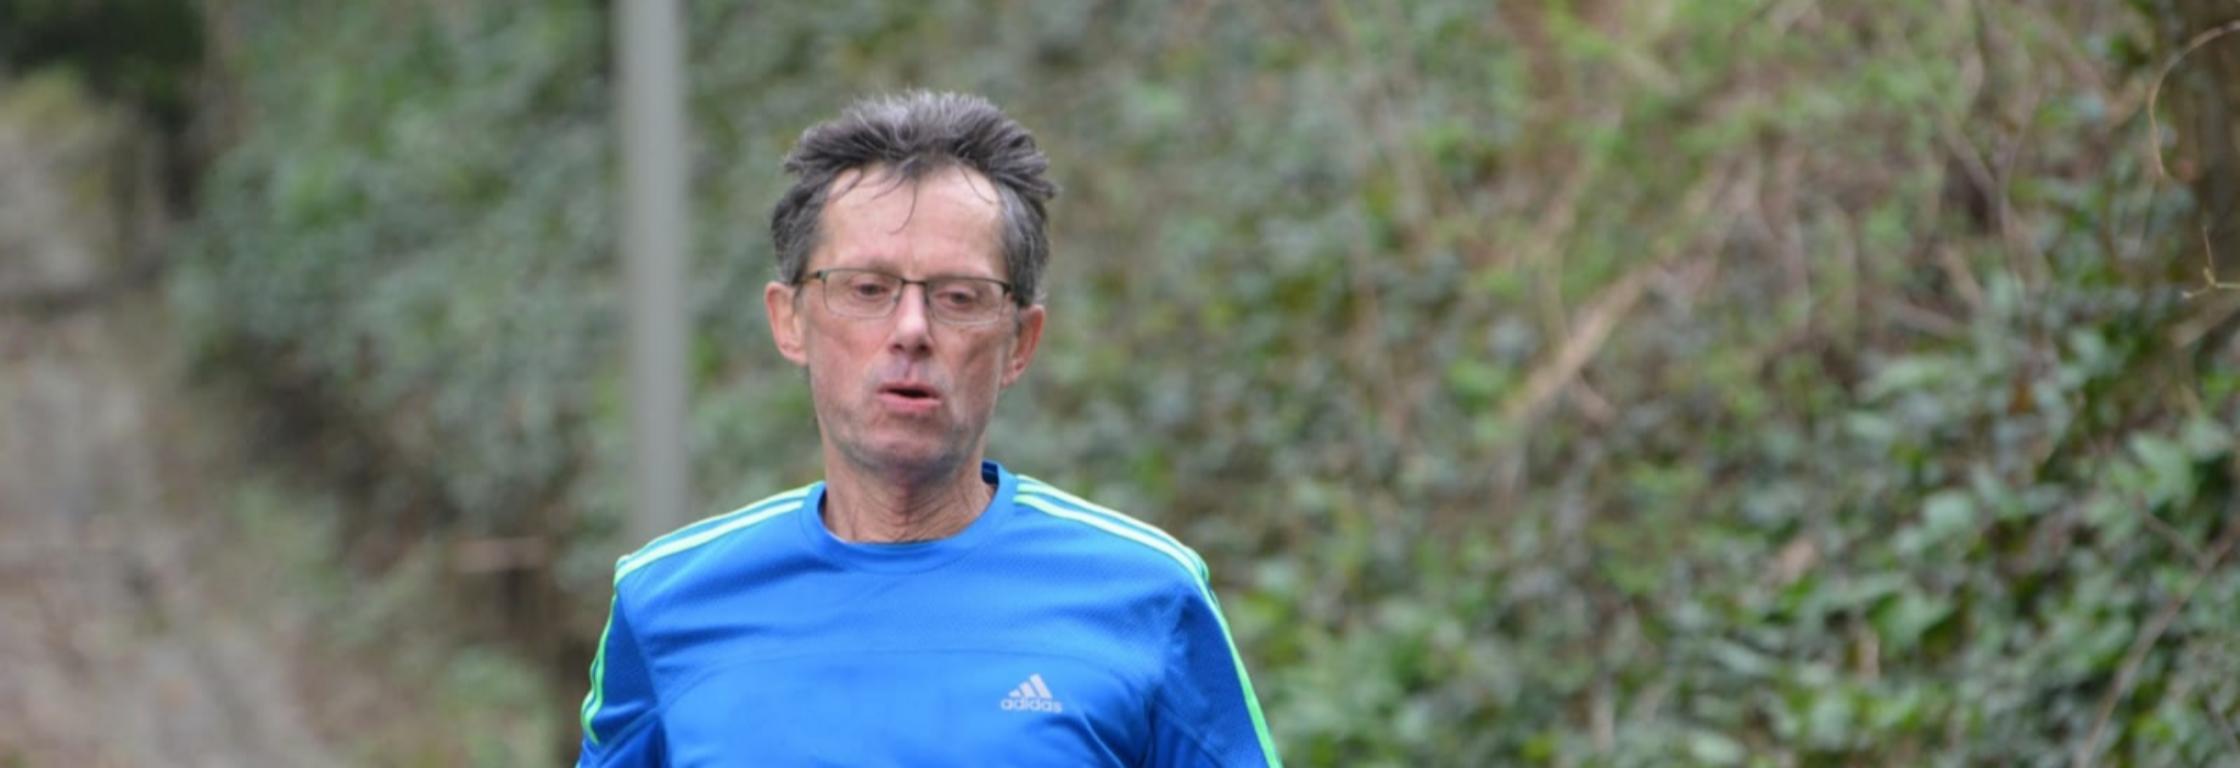 Jean-Pierre (71) houdt wel van een uitdaging